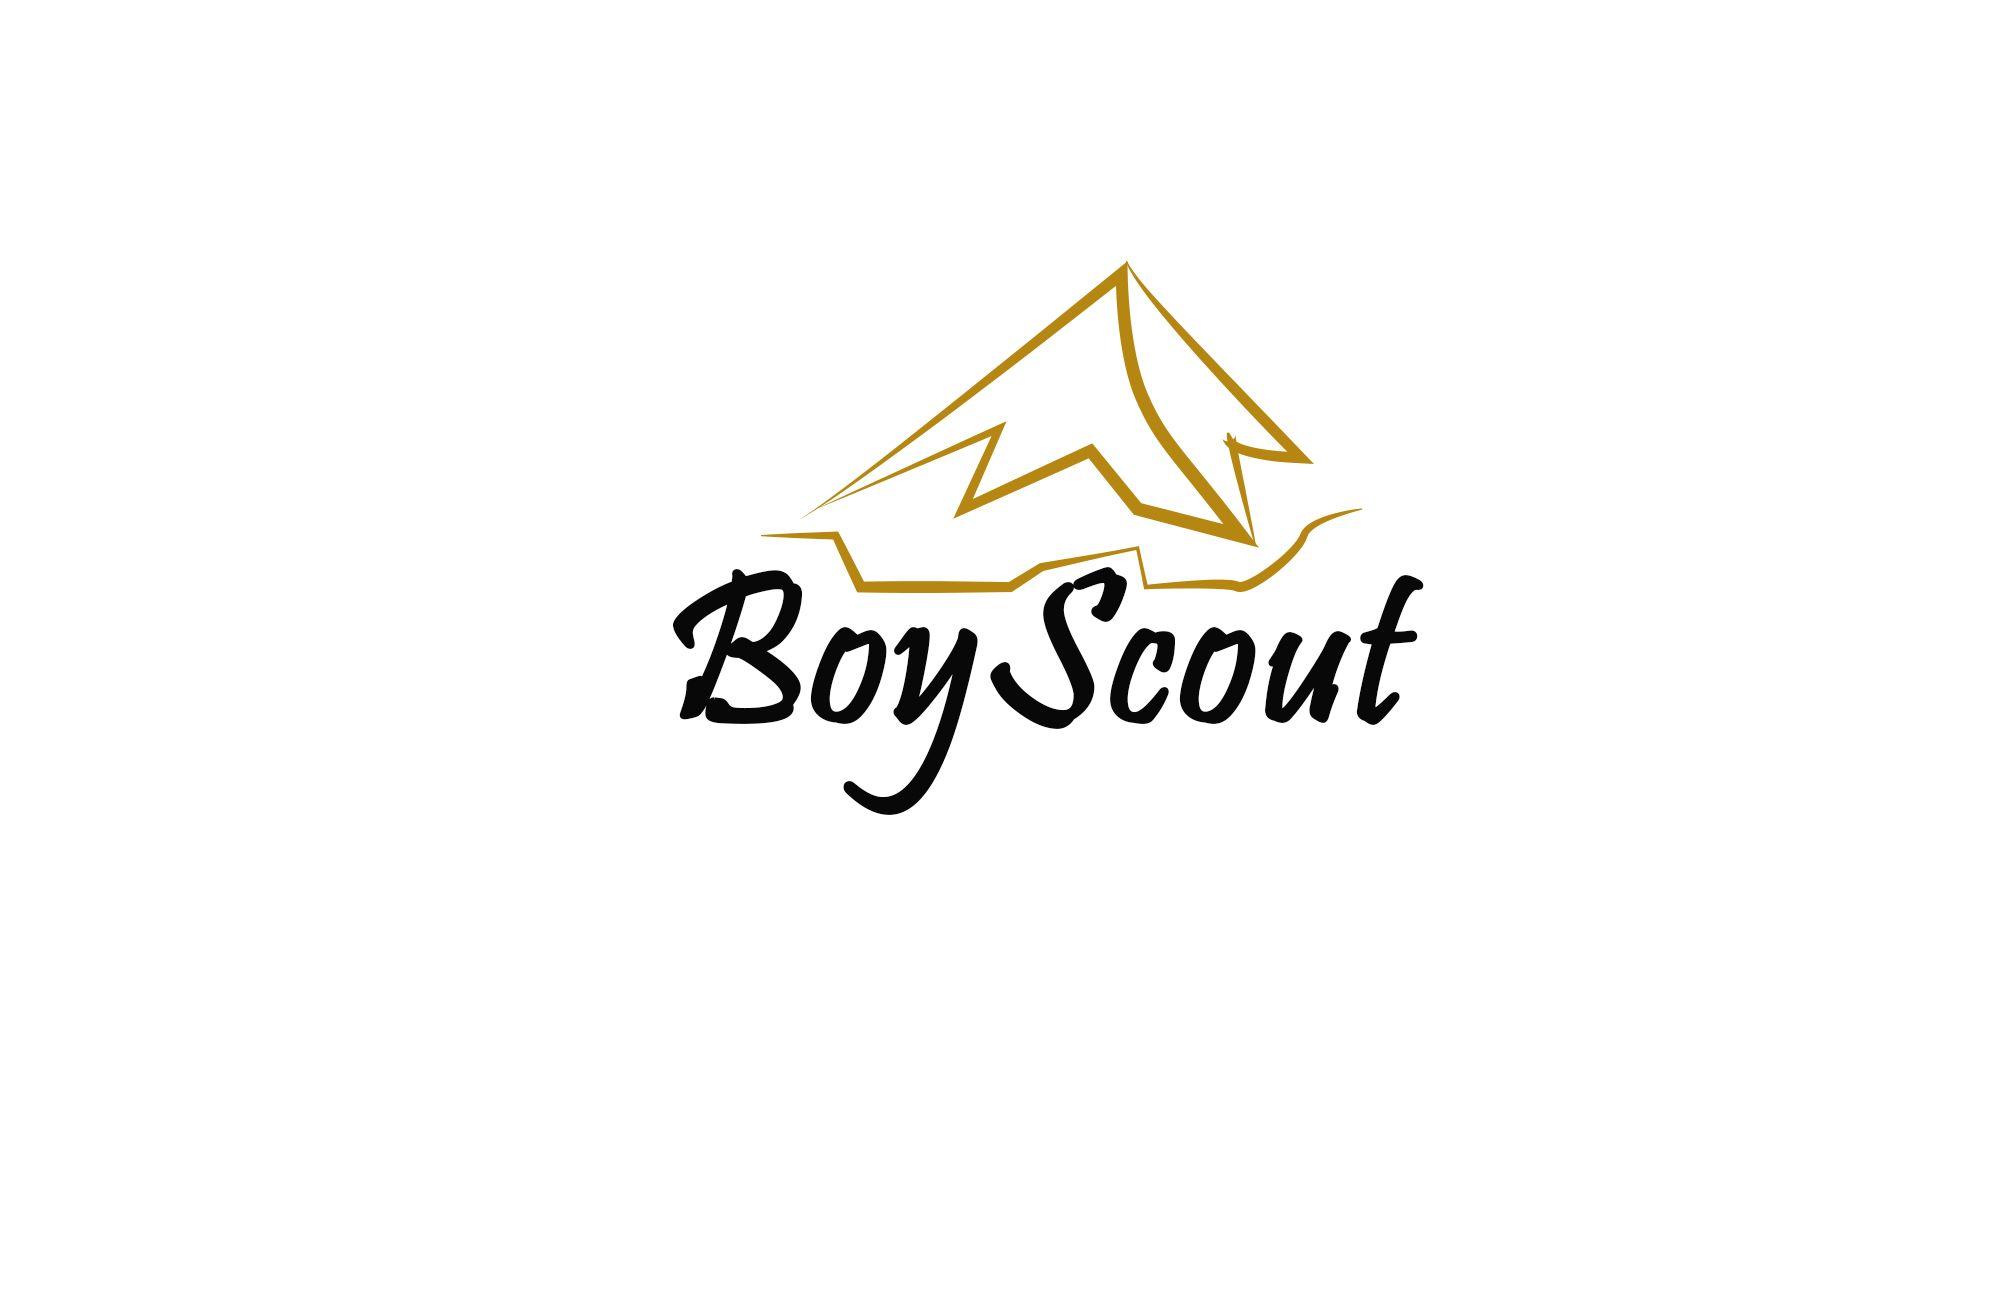 Логотип для сайта интернет-магазина BOY SCOUT - дизайнер VeronikaVlad